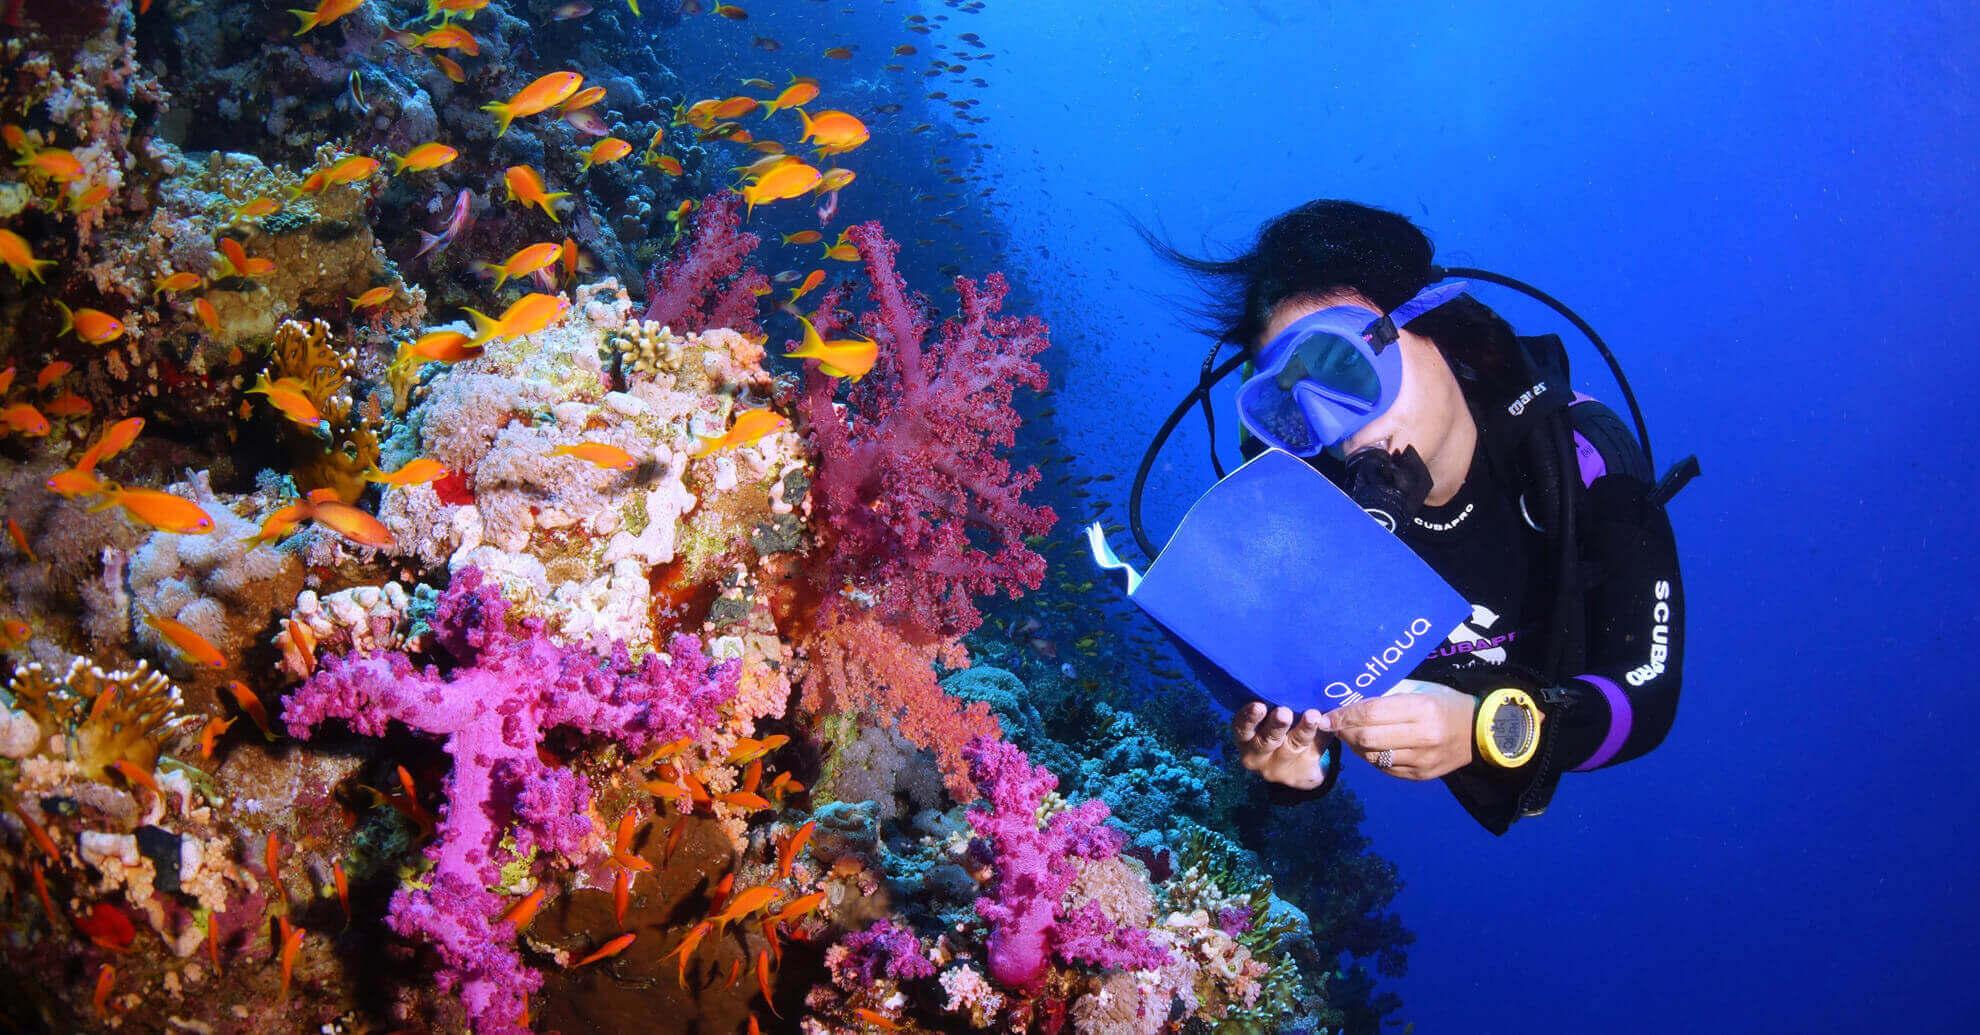 atlaua diving logbook for survey